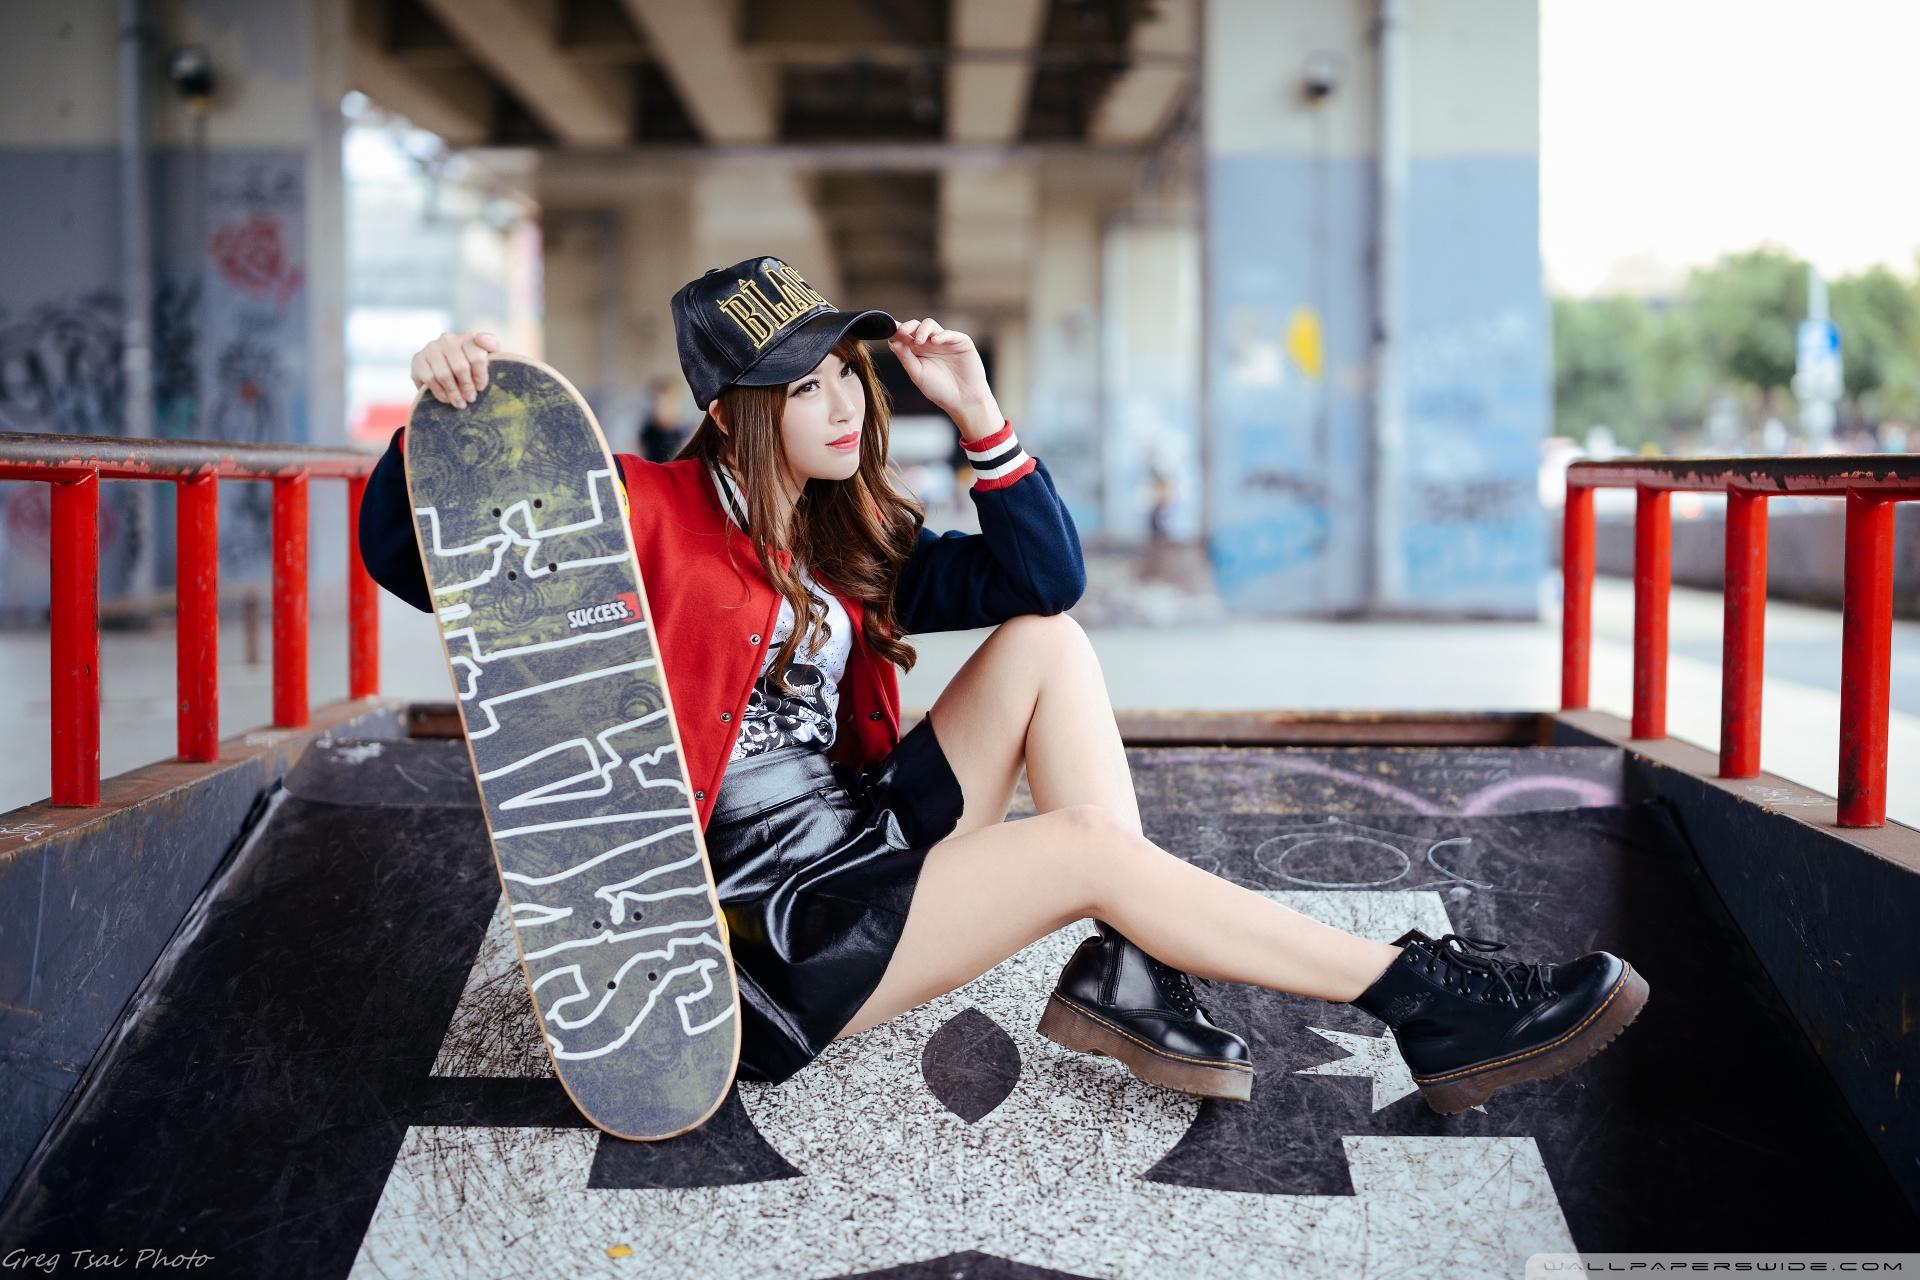 Sport Girl 4k Wallpaper: Girl Skateboarder Style 4K HD Desktop Wallpaper For 4K